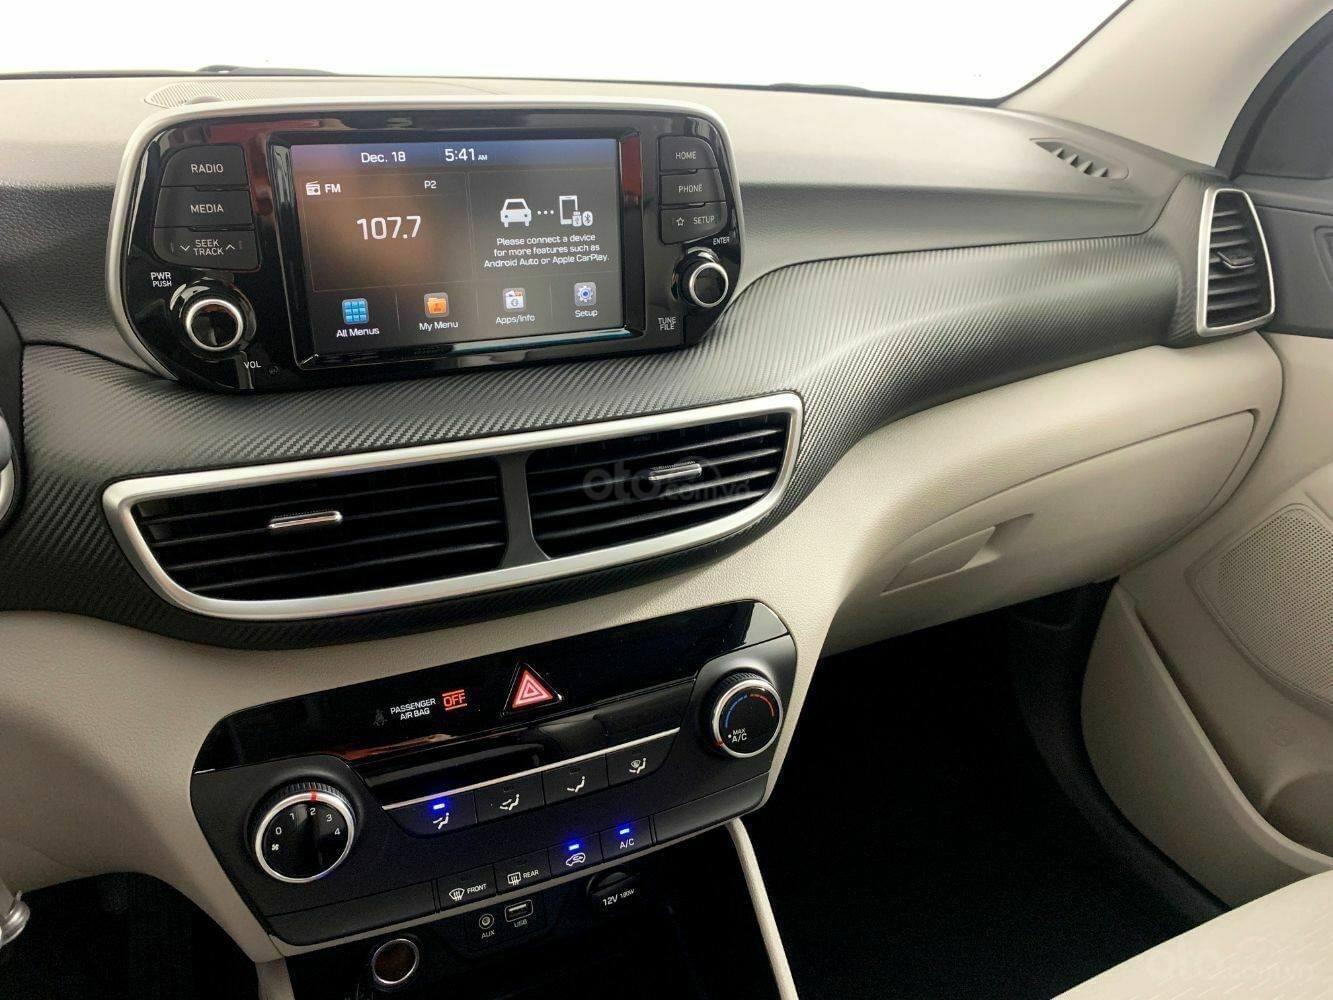 [TPHCM] Hyundai Tucson sẵn kho, đủ màu, hỗ trợ vay lên đến 85%+ chương trình khuyến mãi hấp dẫn (15)